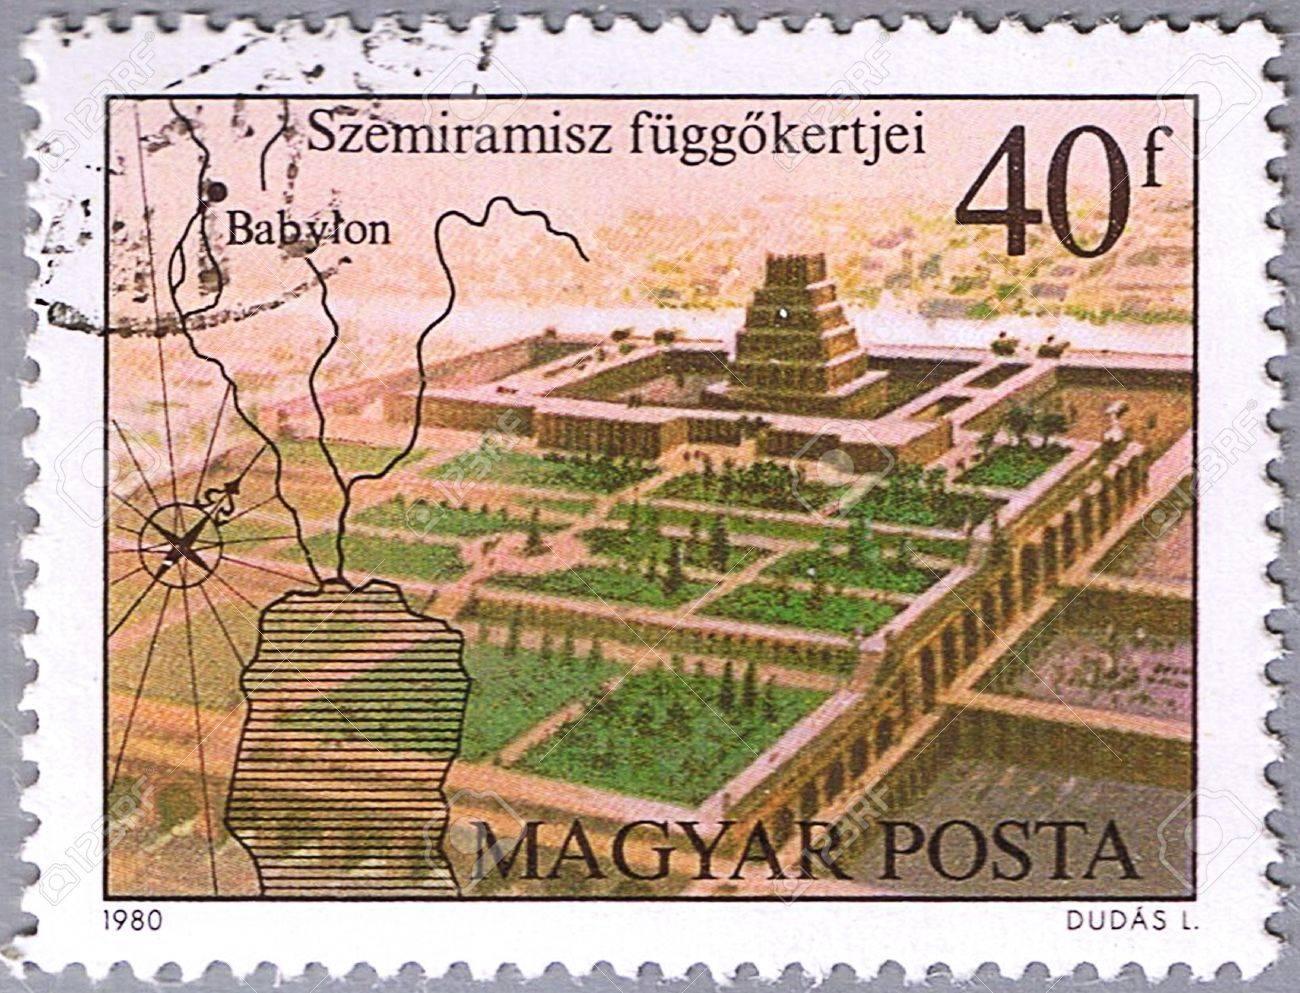 ハンガリー - 1980年年頃: セミ...